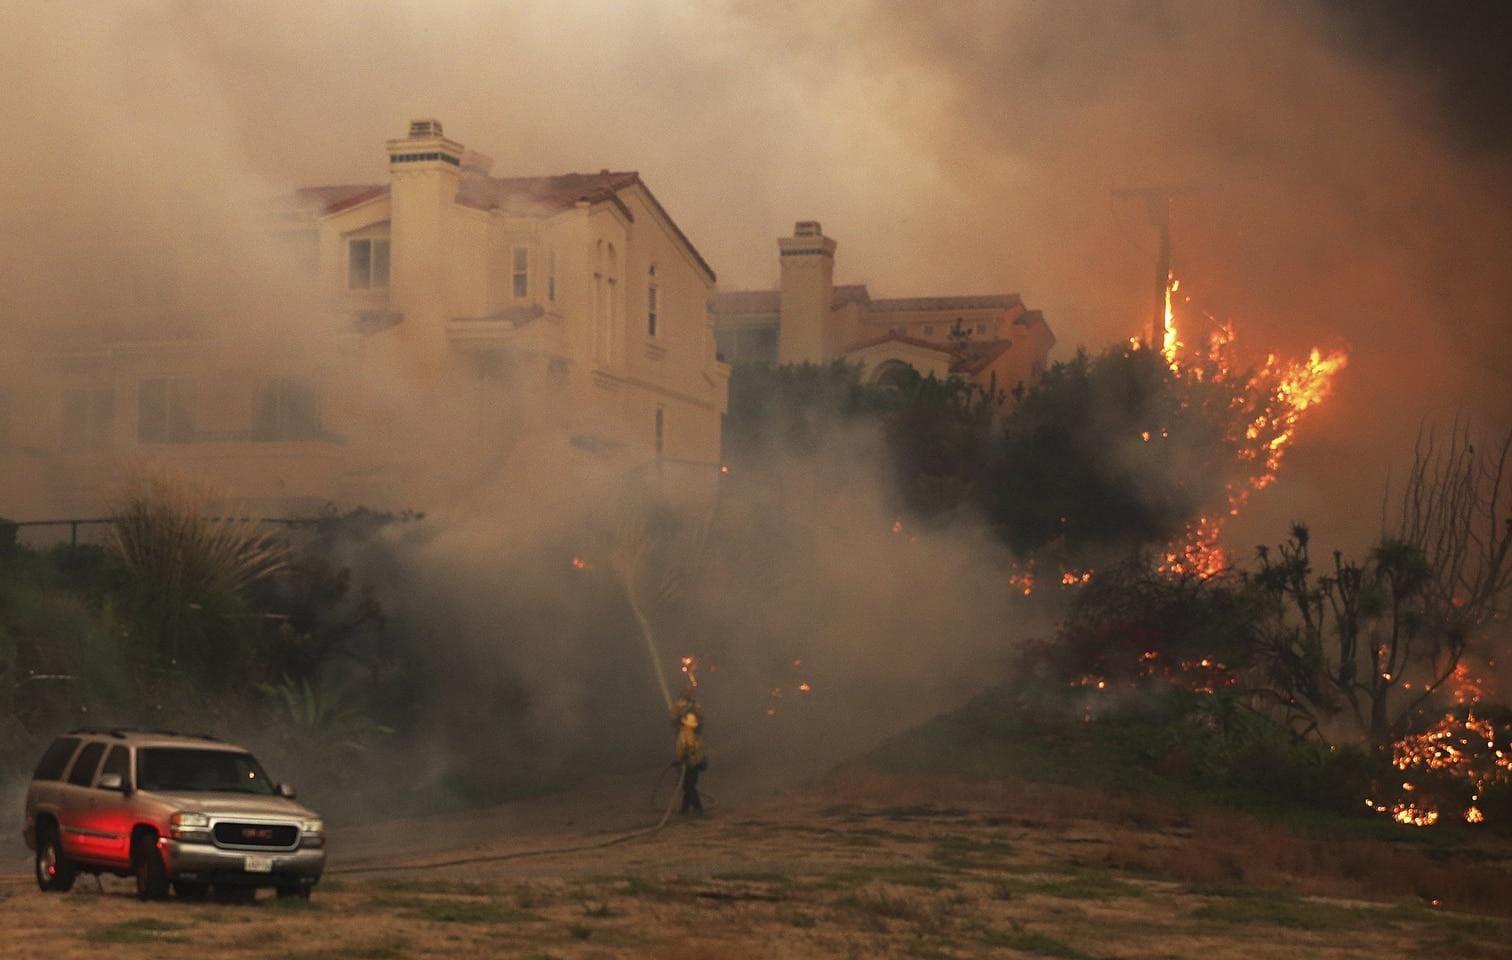 <p>Die schweren Waldbrände in Kalifornien haben zu stellenweise katastrophaler Zerstörung geführt und nach Angaben der Behörden mindestens neun Menschen das Leben gekostet.</p> Foto: dpa/Ringo H.W. Chiu